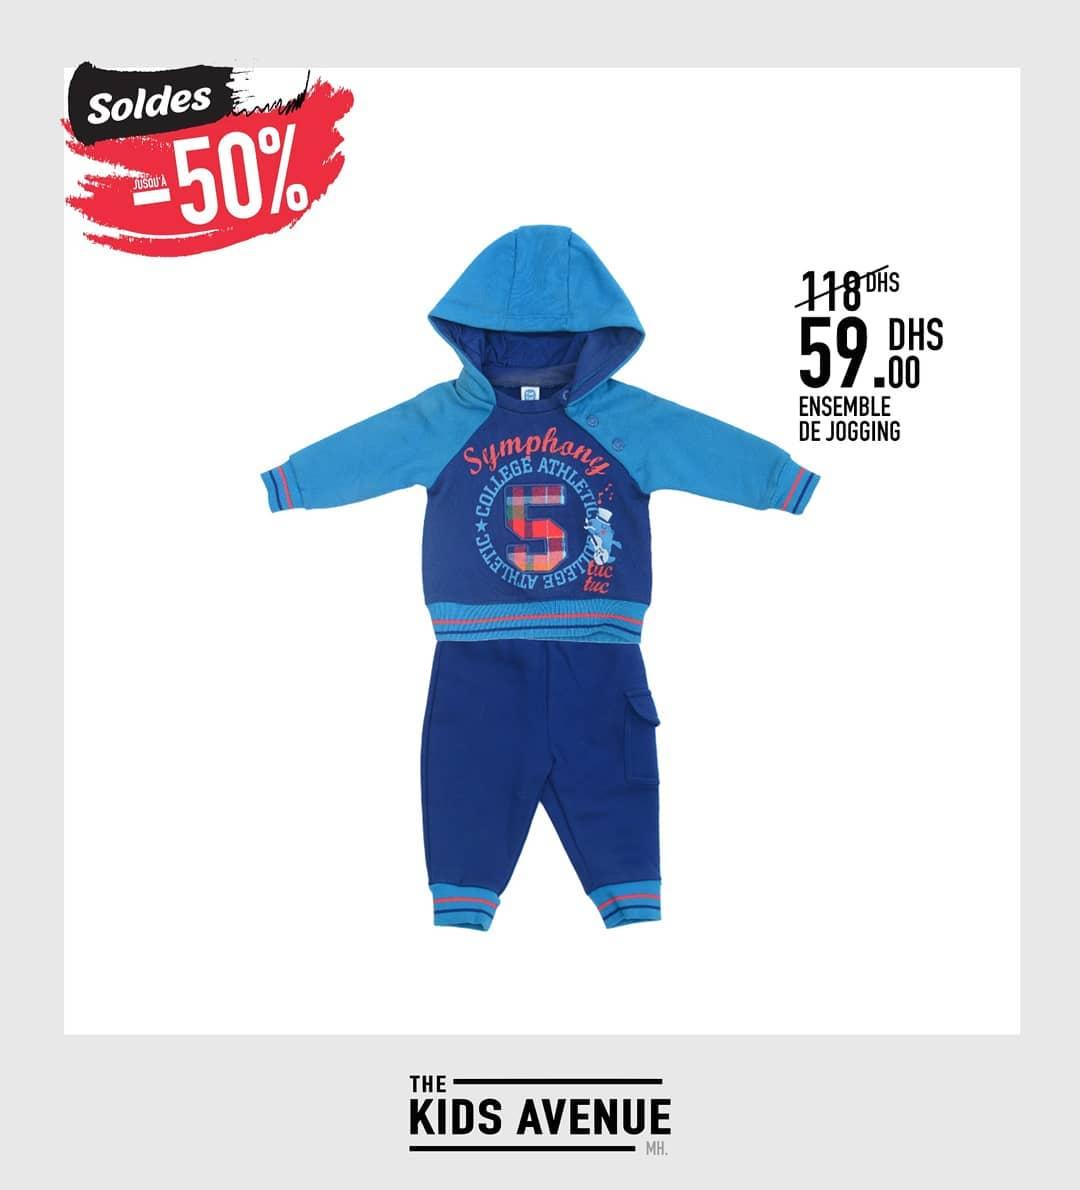 Soldes -50% chez Kids Avenue Ensemble de jogging 59Dhs au lieu de 118Dhs